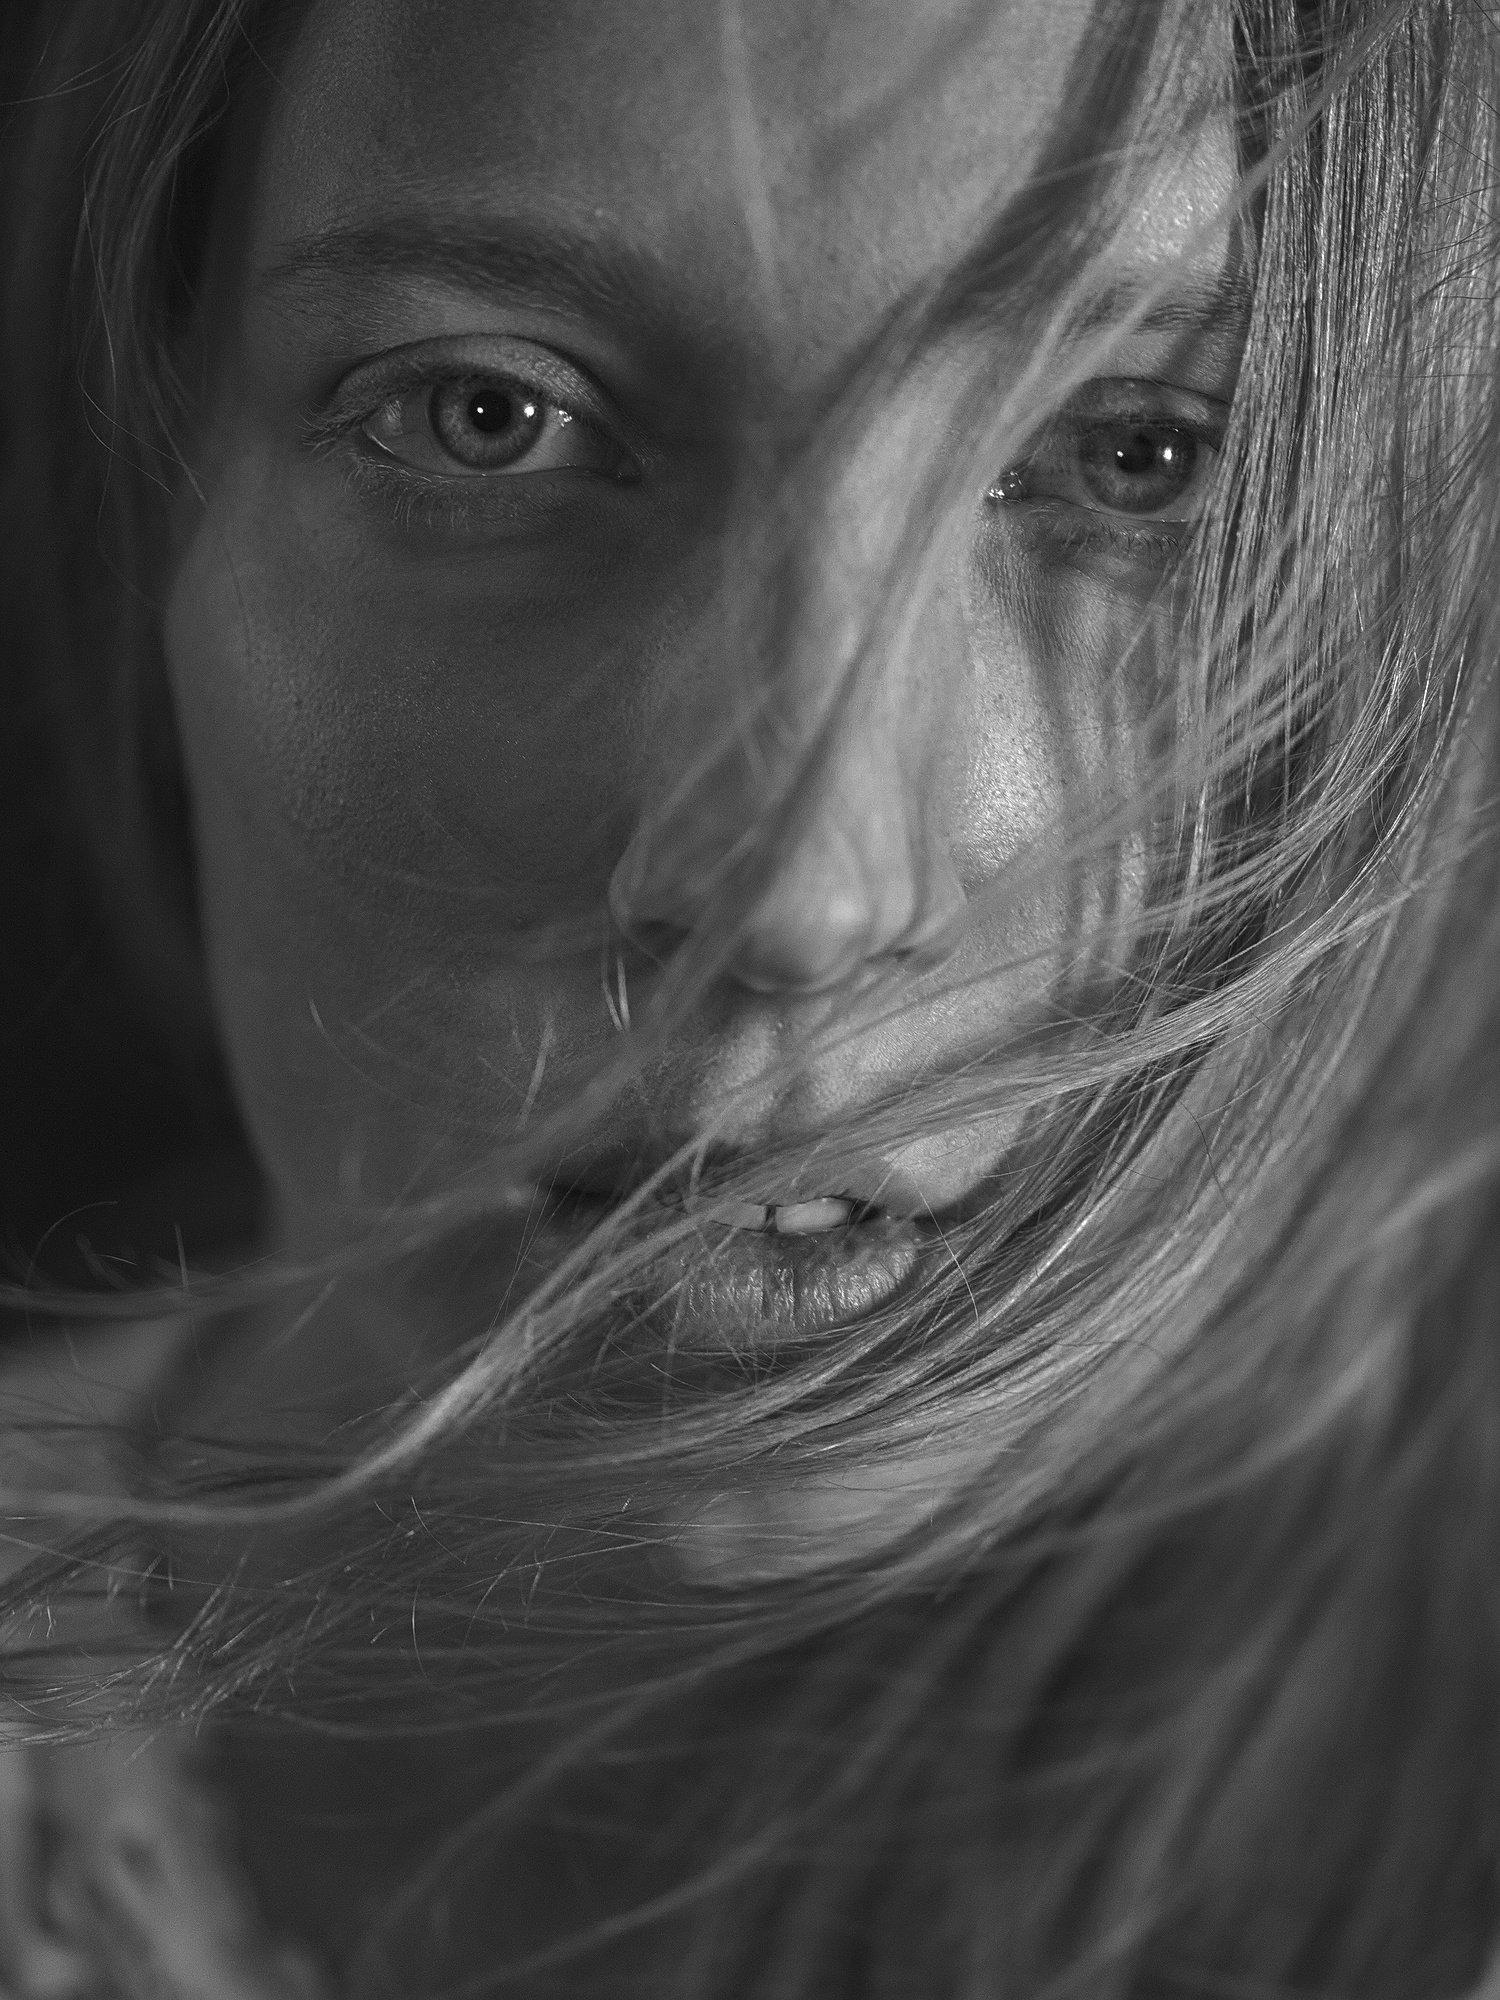 ветер, портрет, студия, воронеж, действие, момент, взгляд, взор, Михаил Землянский